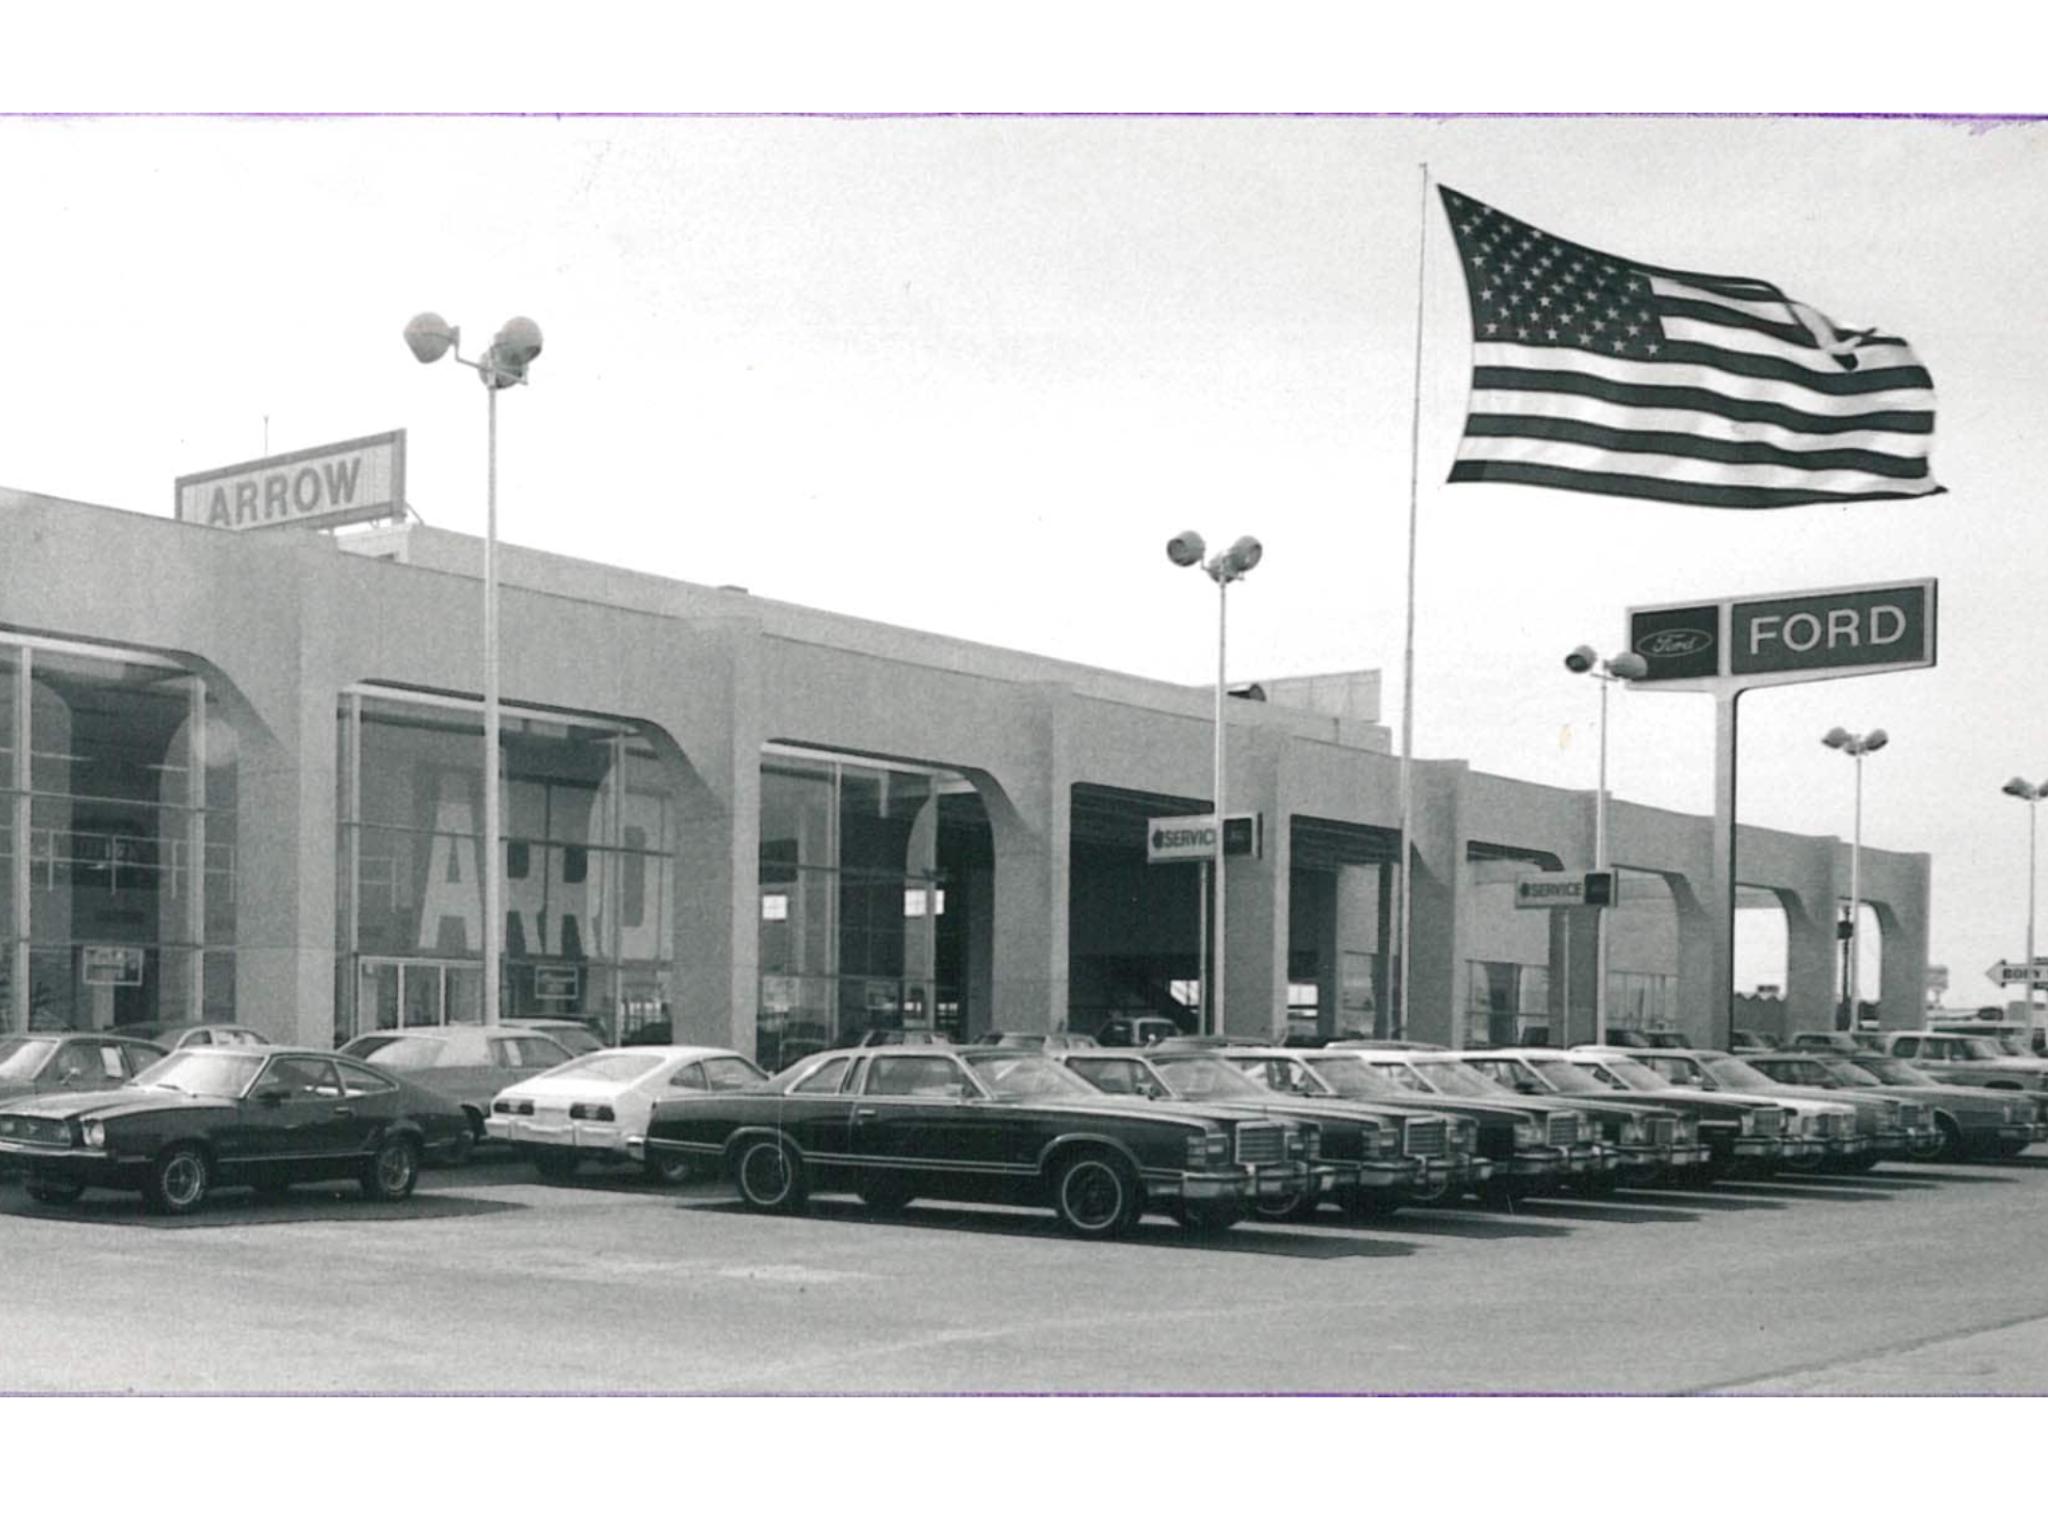 Arrow Ford Abilene >> Arrow Ford Dealership Abilene Texas Vintage Cars Car